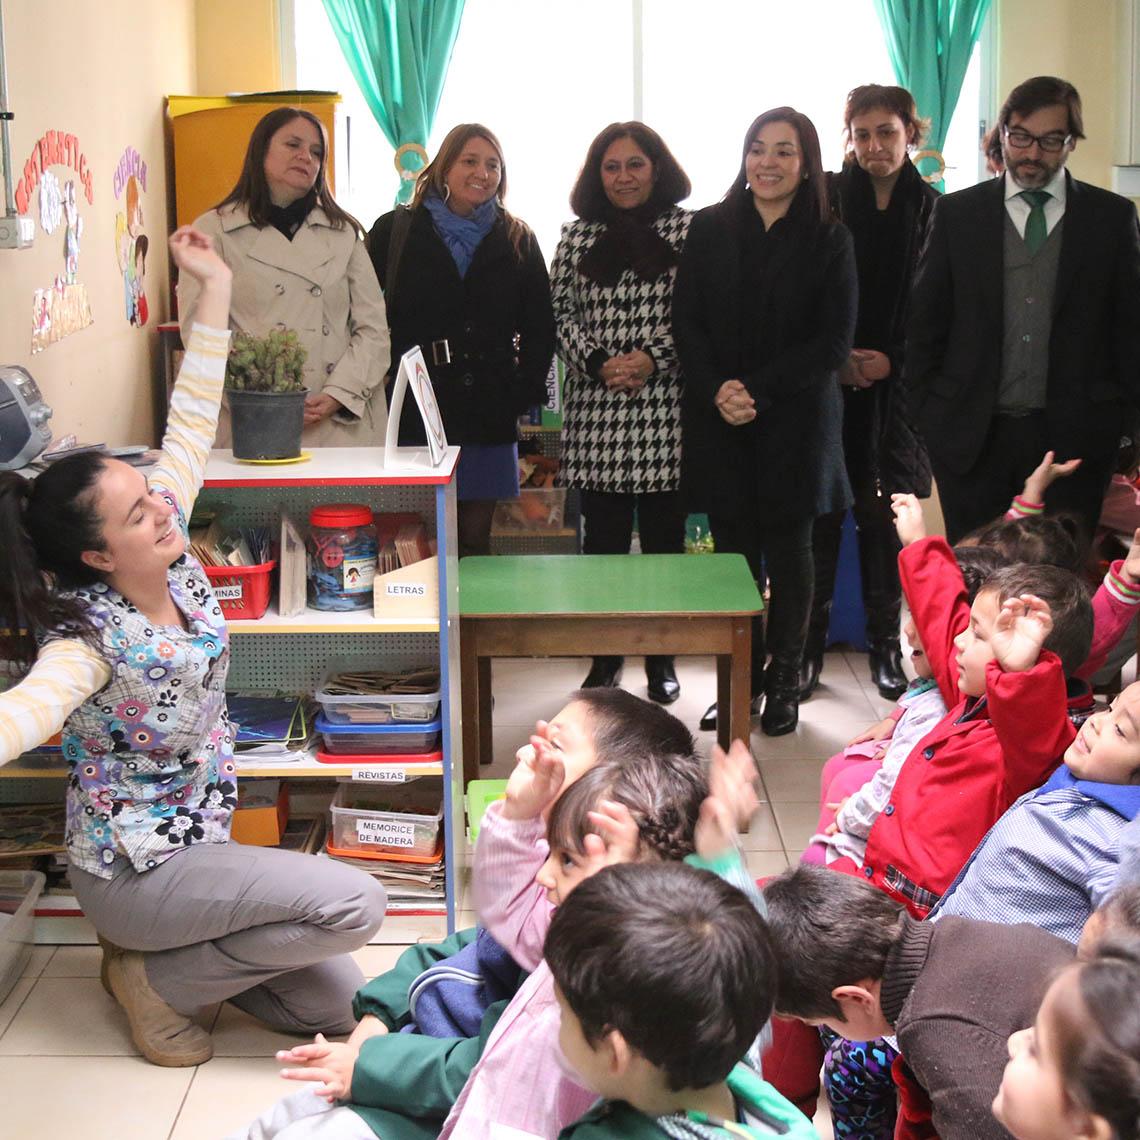 Convenio de Integra con Senadis para una educación inclusiva